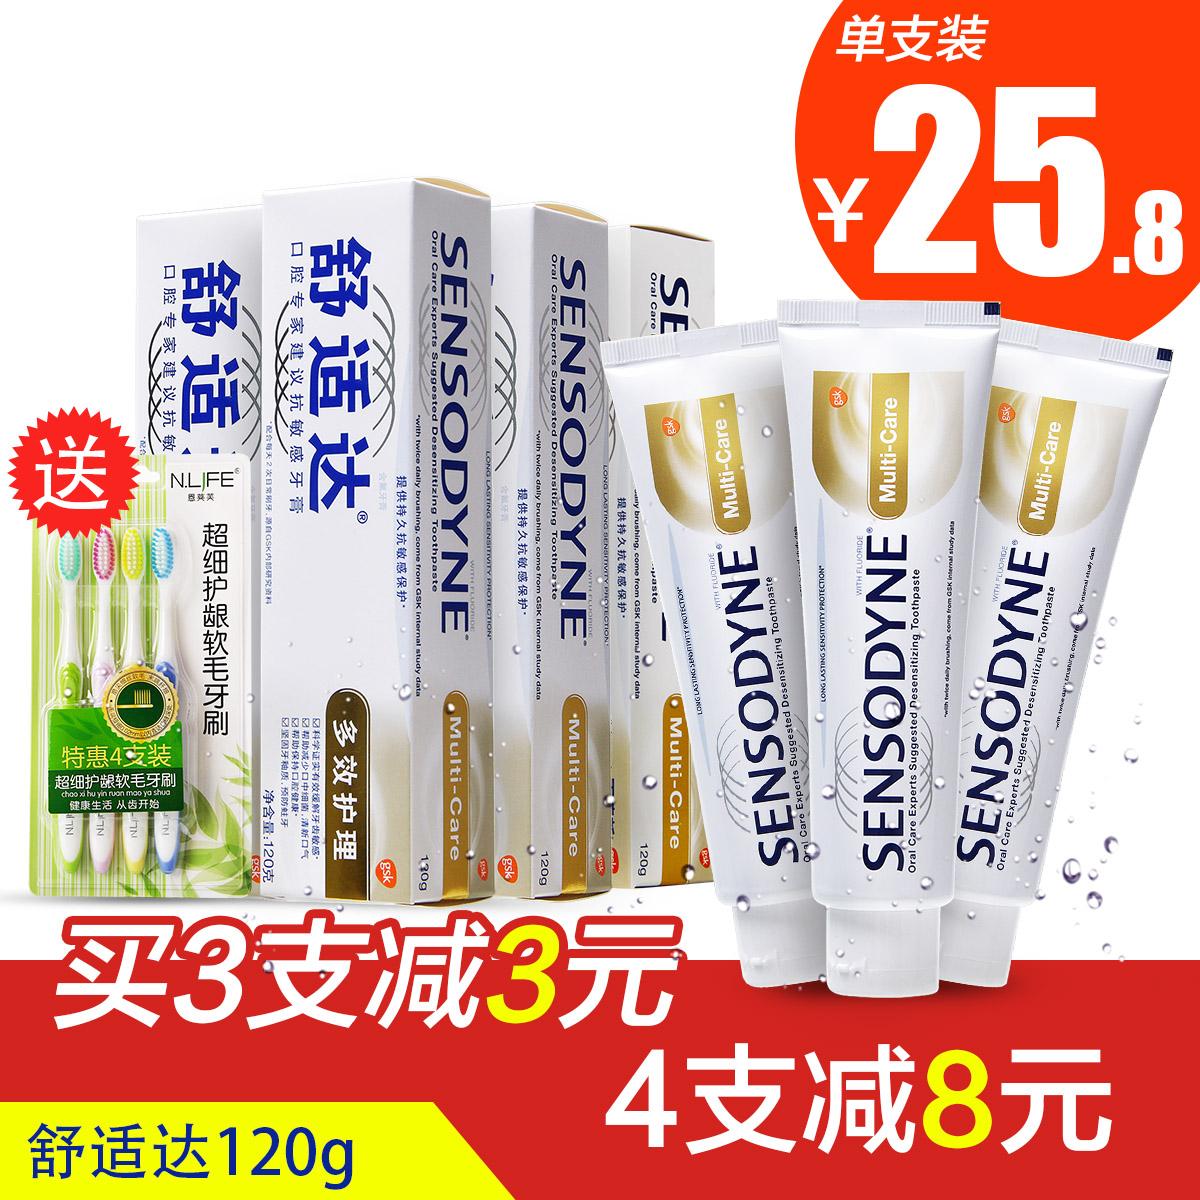 舒适达多效护理牙膏120g 缓解敏感牙齿预防蛀牙口气清新去口臭